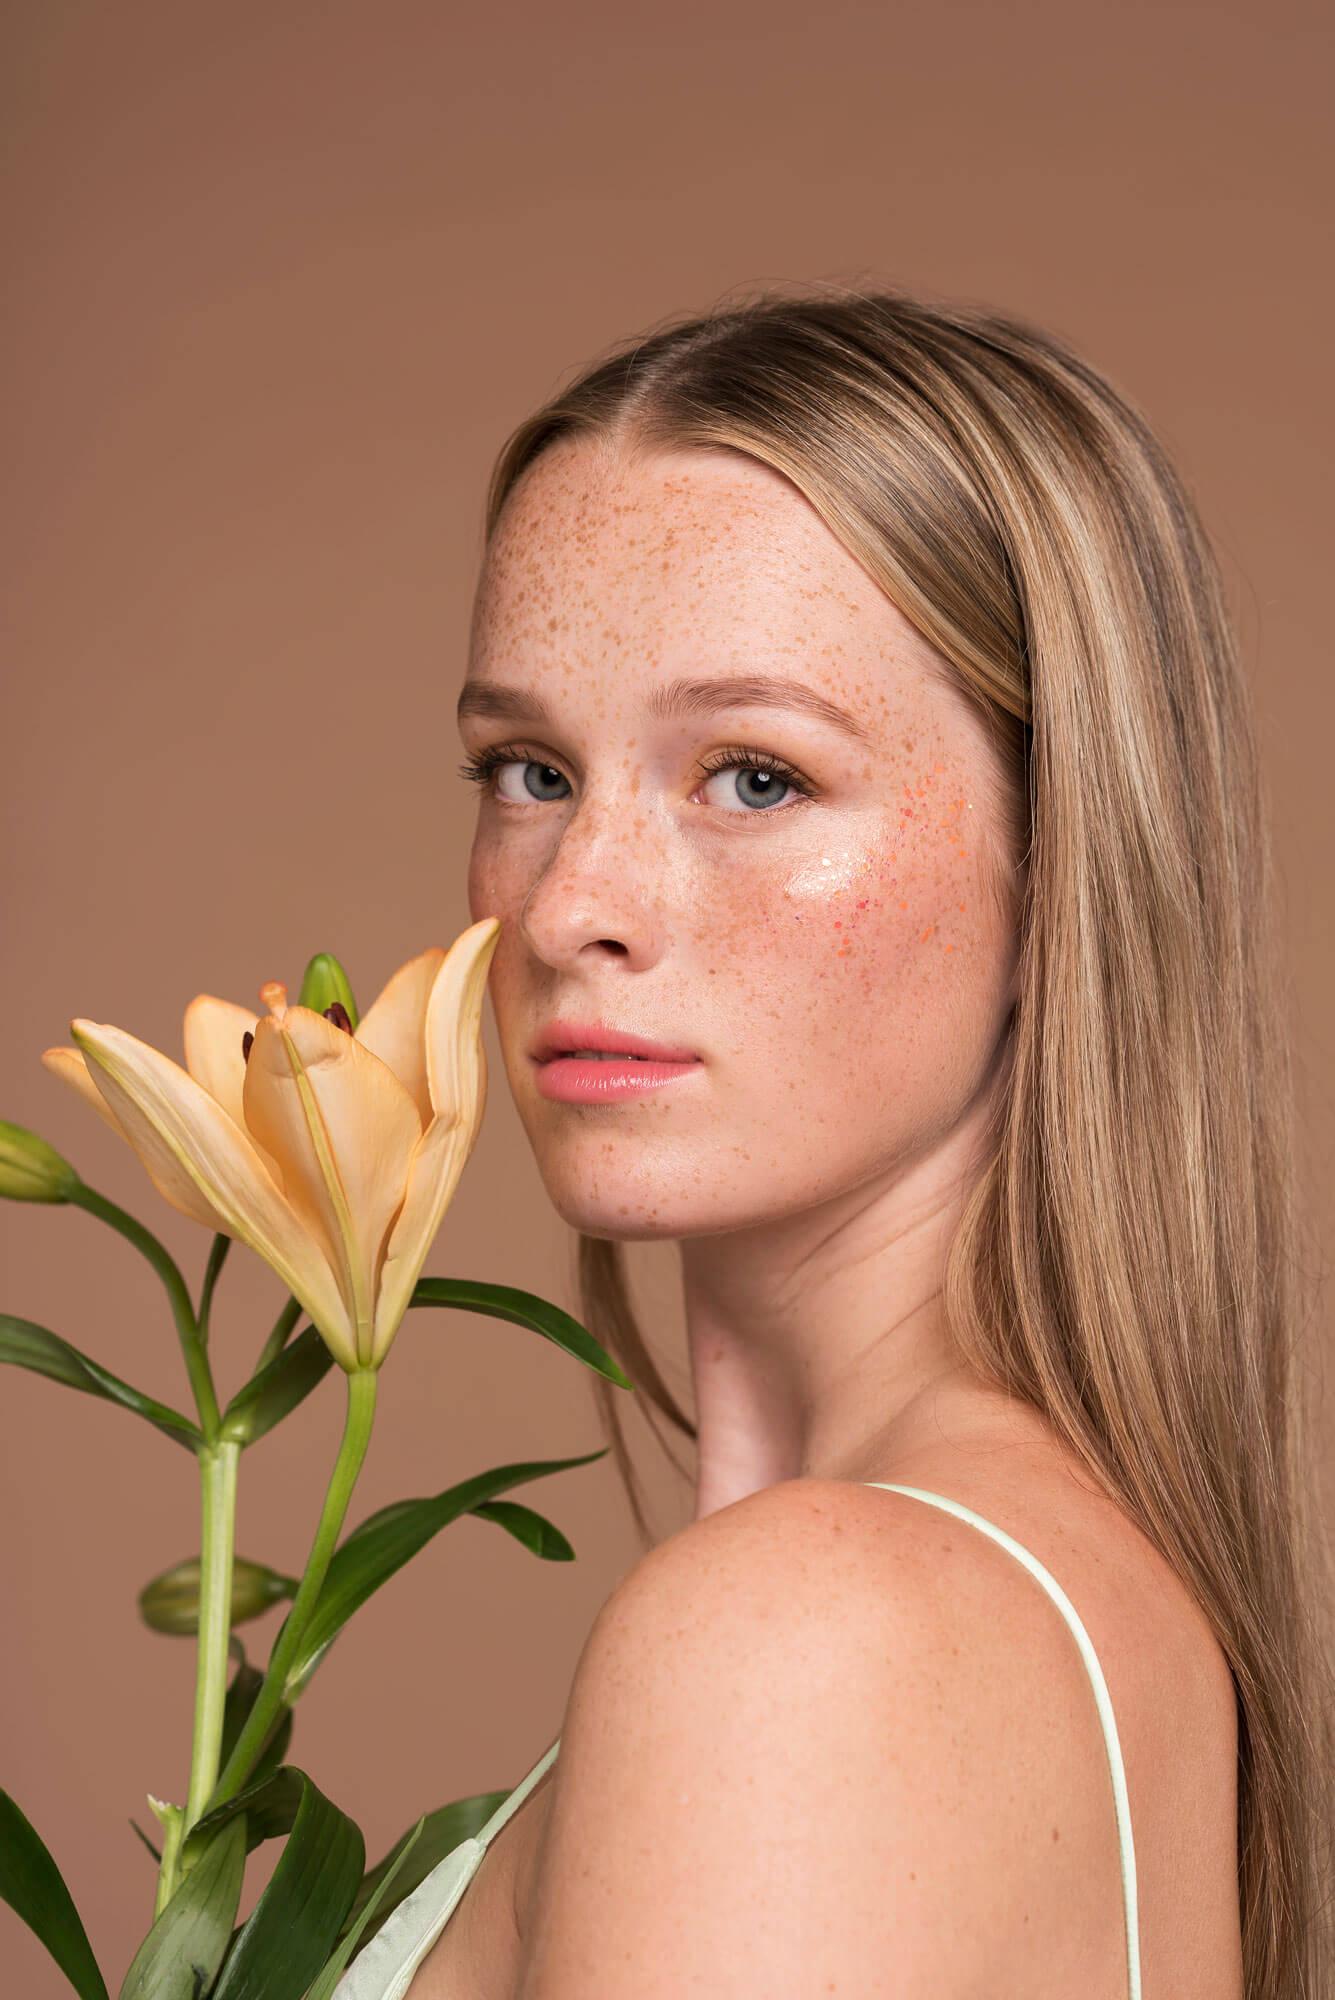 portret foto natuurlijke